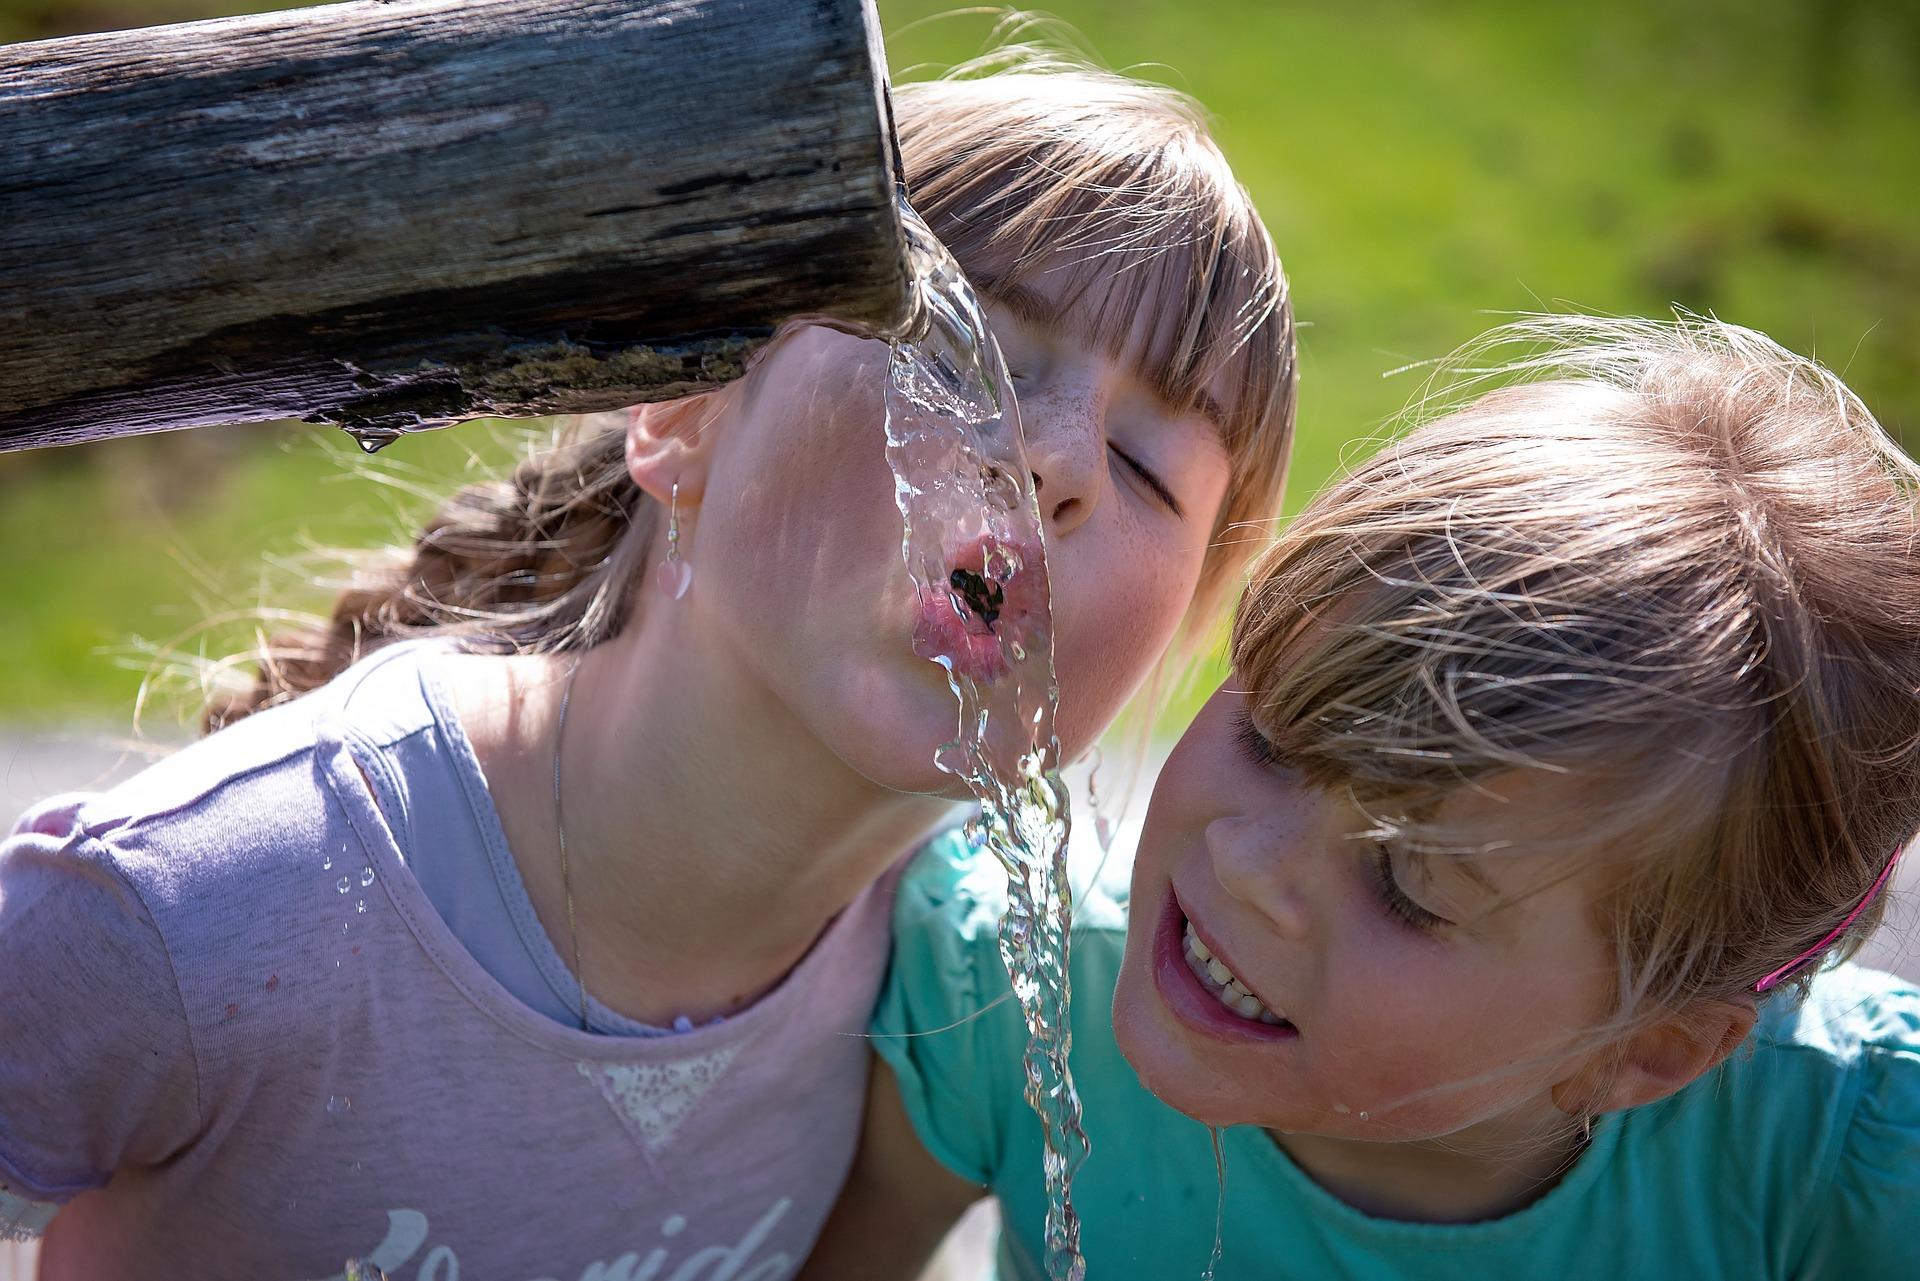 Zwei junge Mädchen trinken Wasser